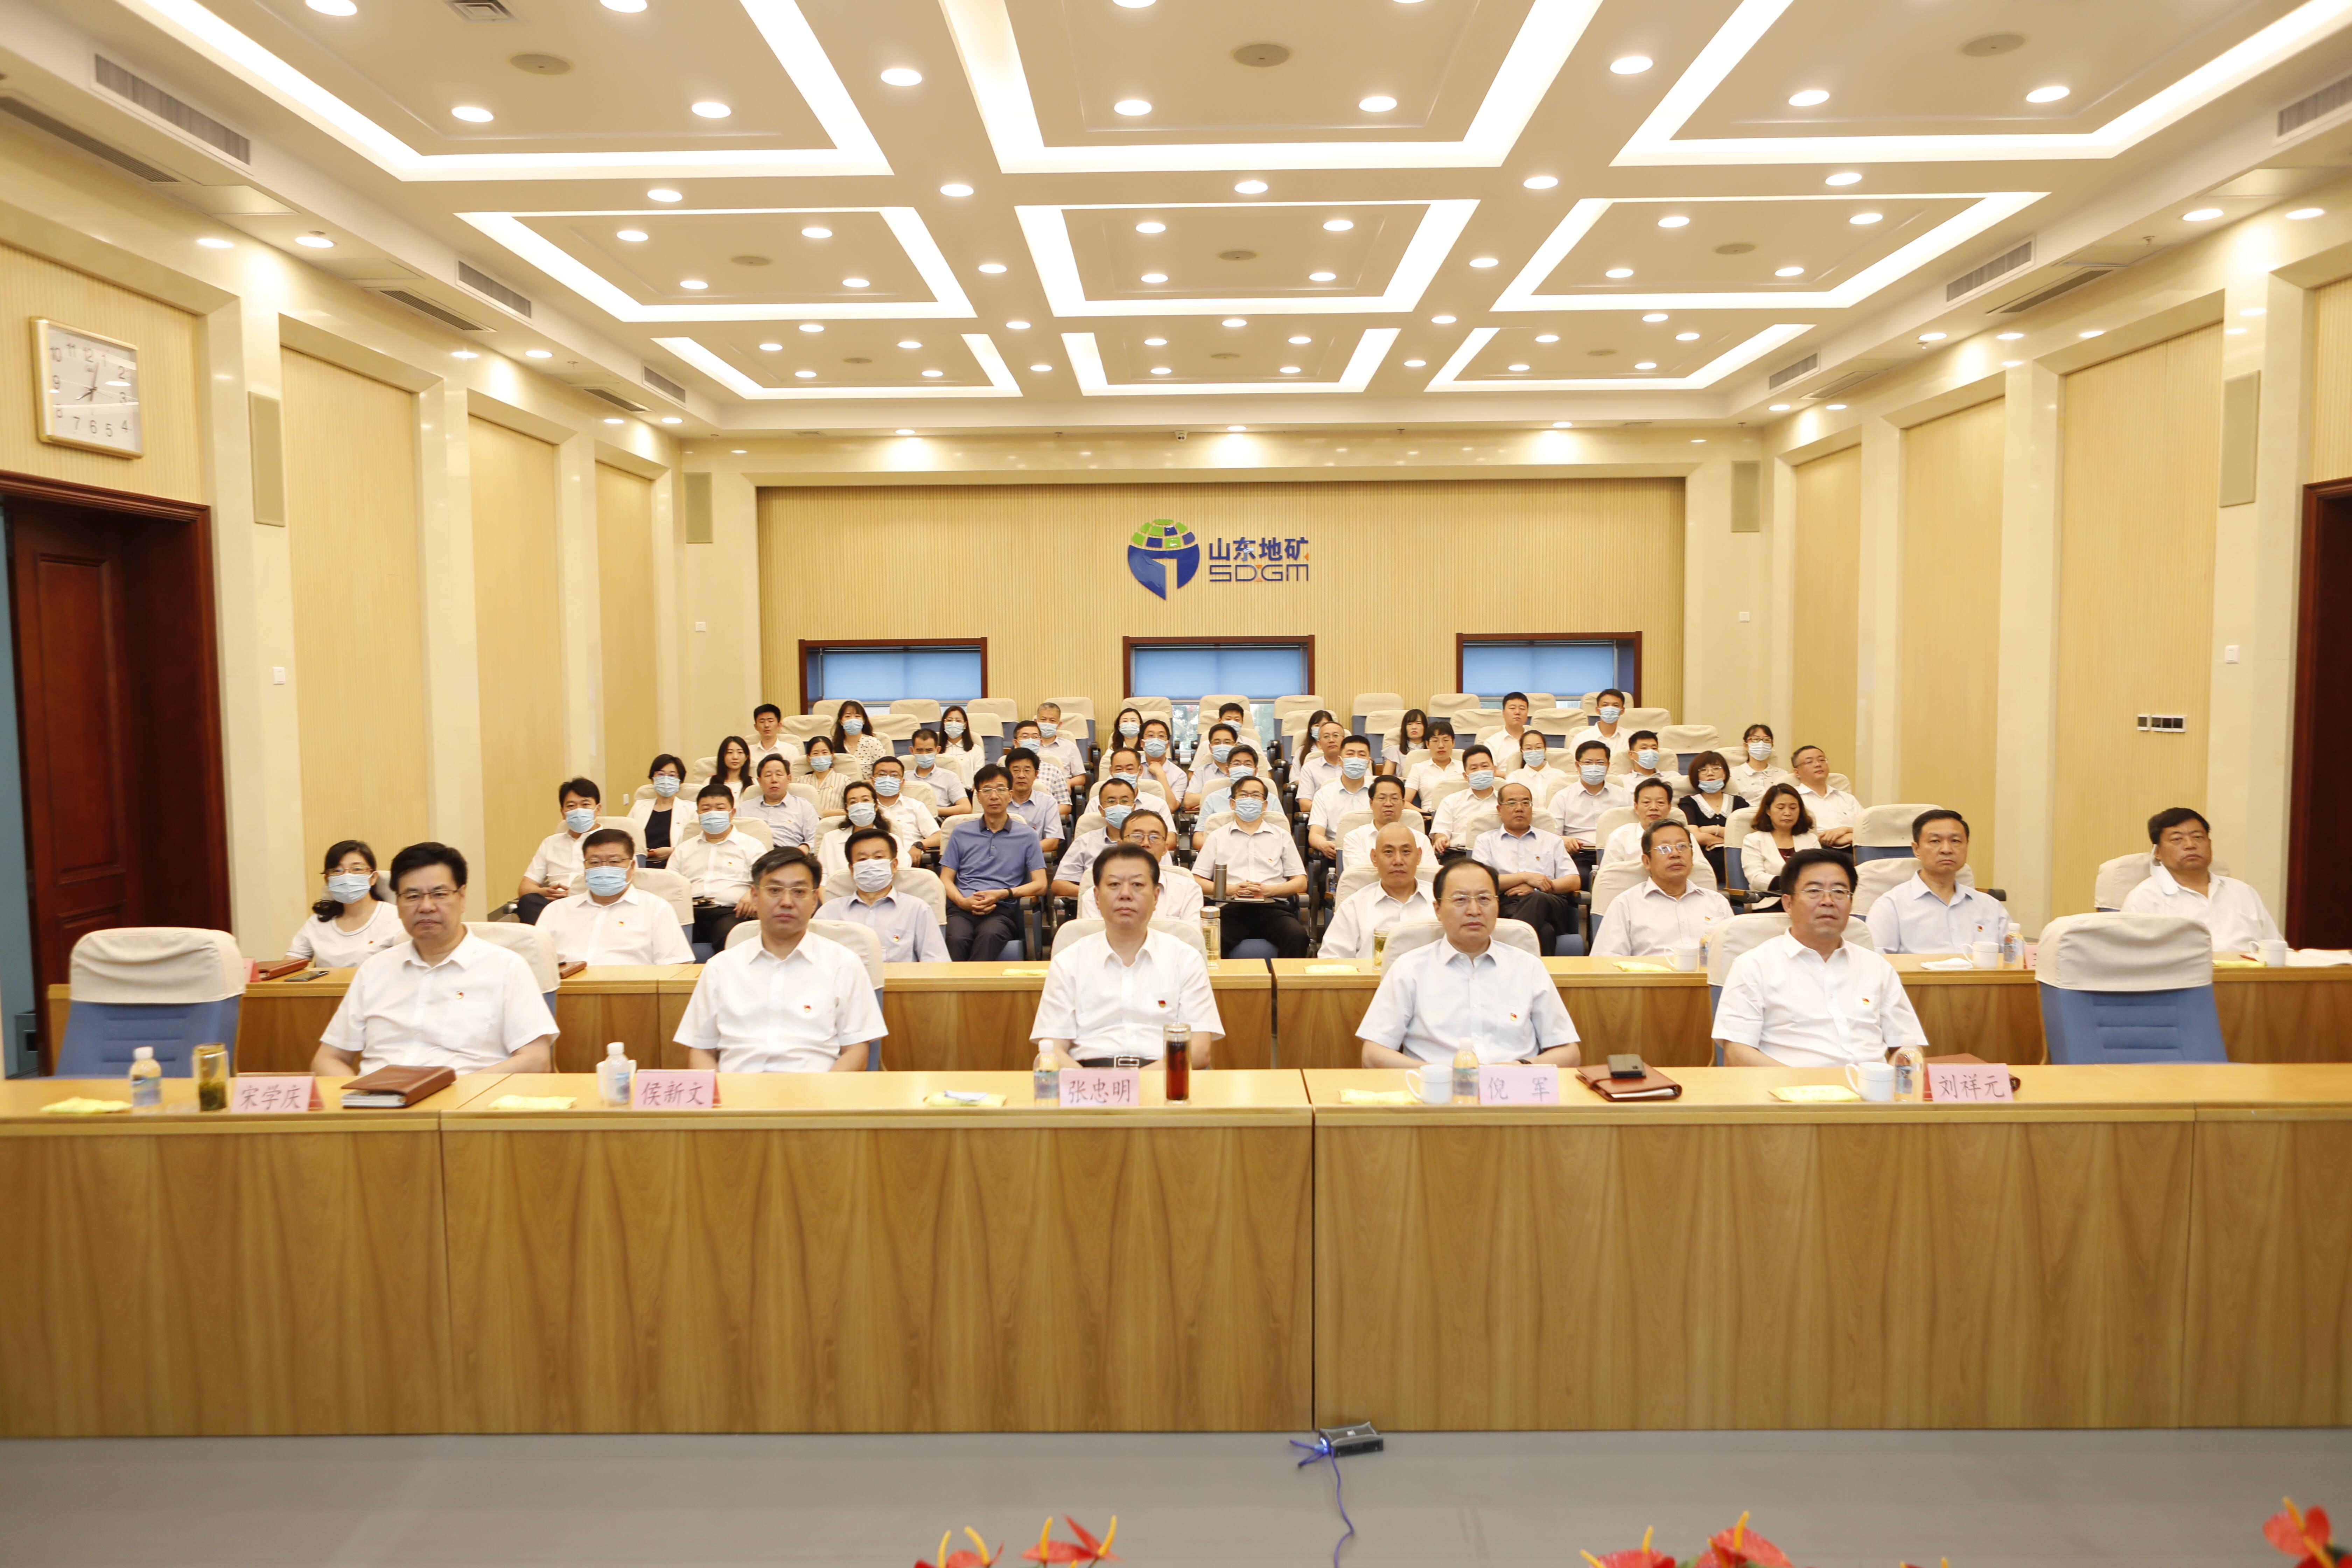 山东省地矿局党员干部职工收听收看庆祝中国共产党成立100周年大会